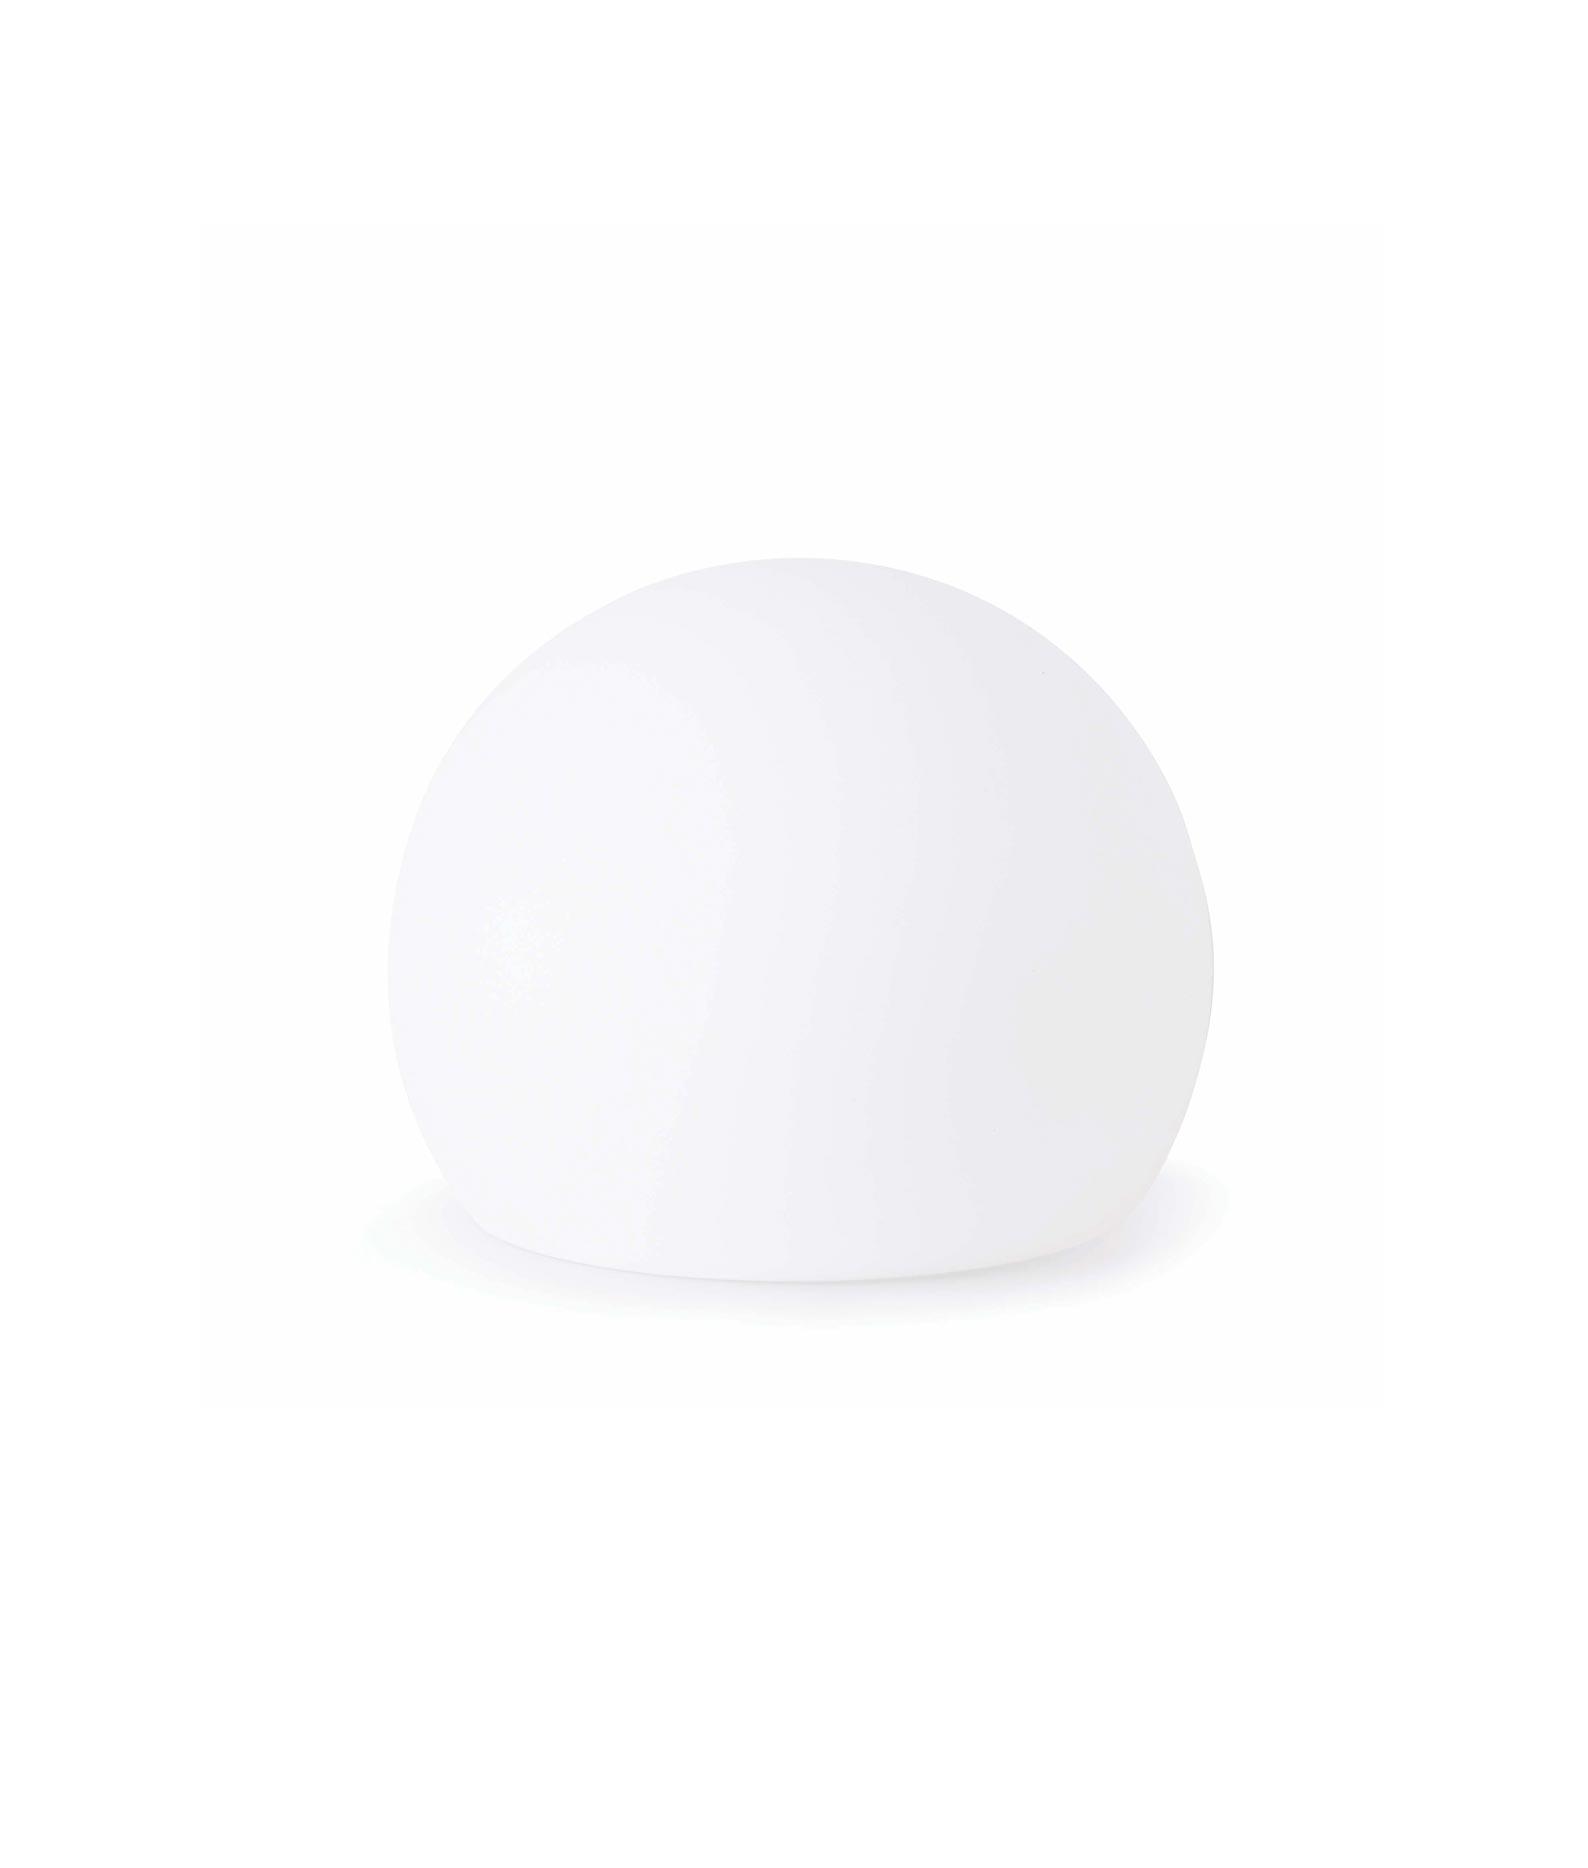 Lámpara portátil pequeña blanca BALDA